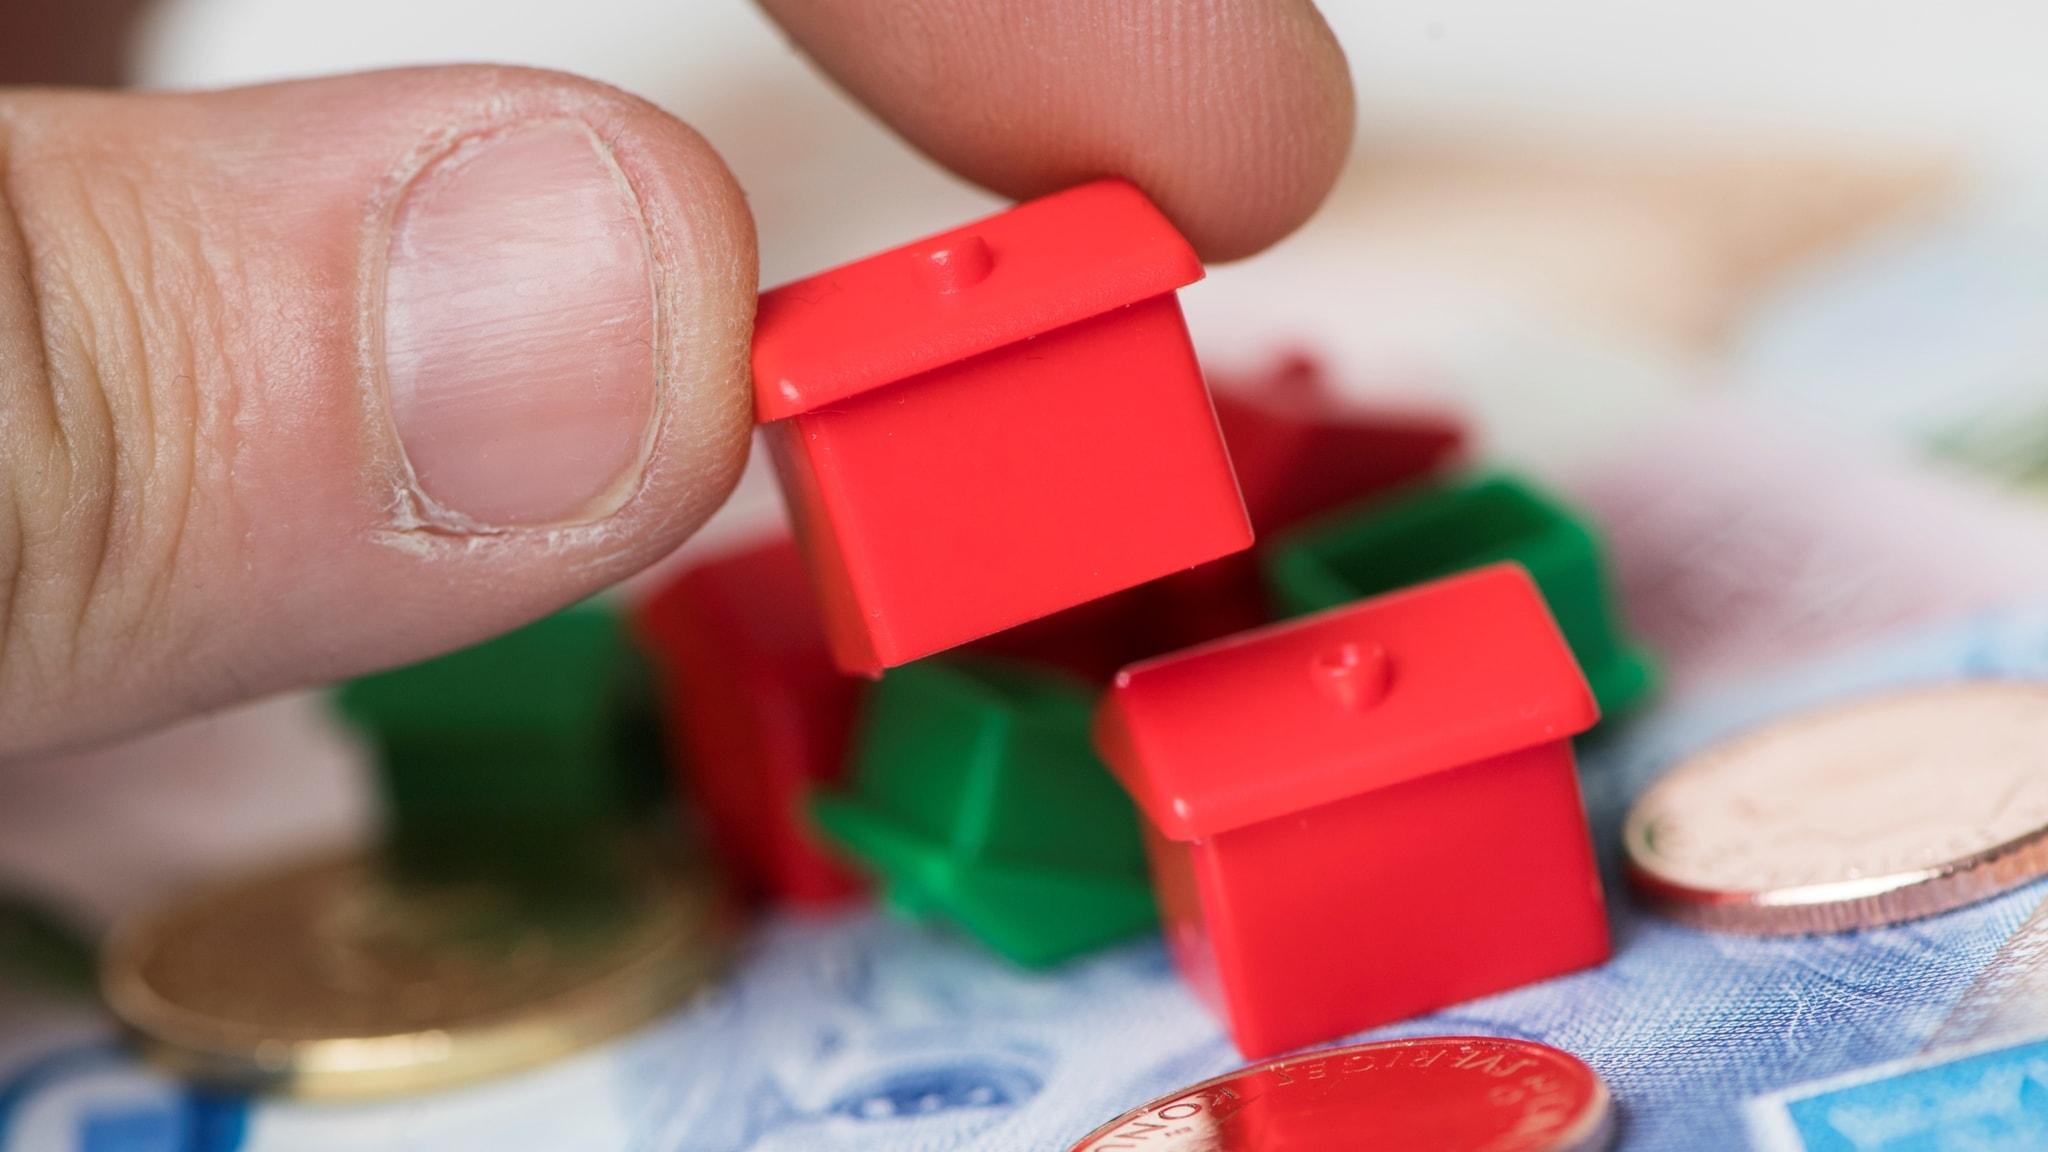 Bankbytares kalldusch: Kan drabbas av amorteringskravet - och här finns pengarna och makten